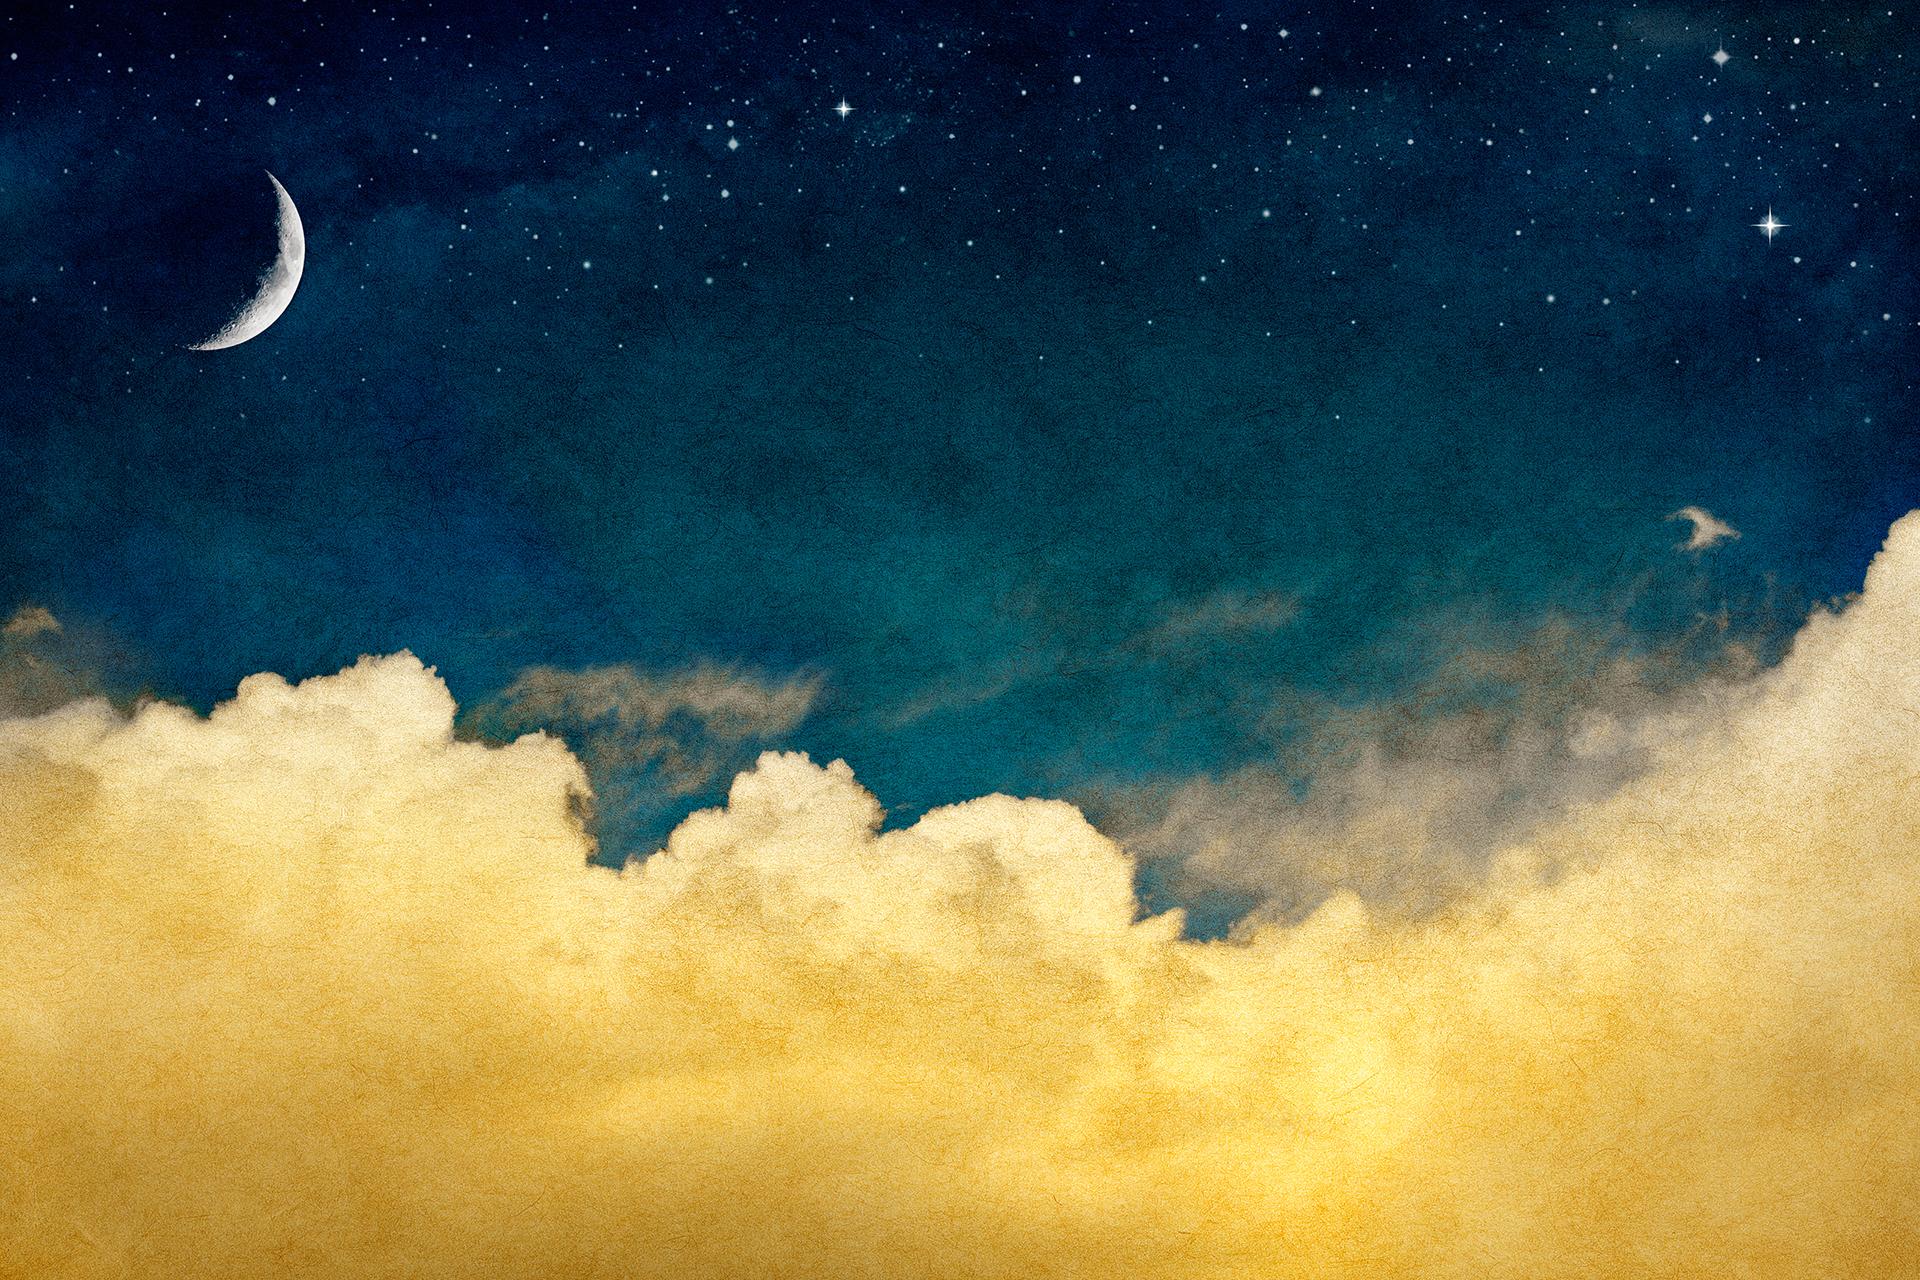 서우의 밤 - 길고 긴, 하루의 끝